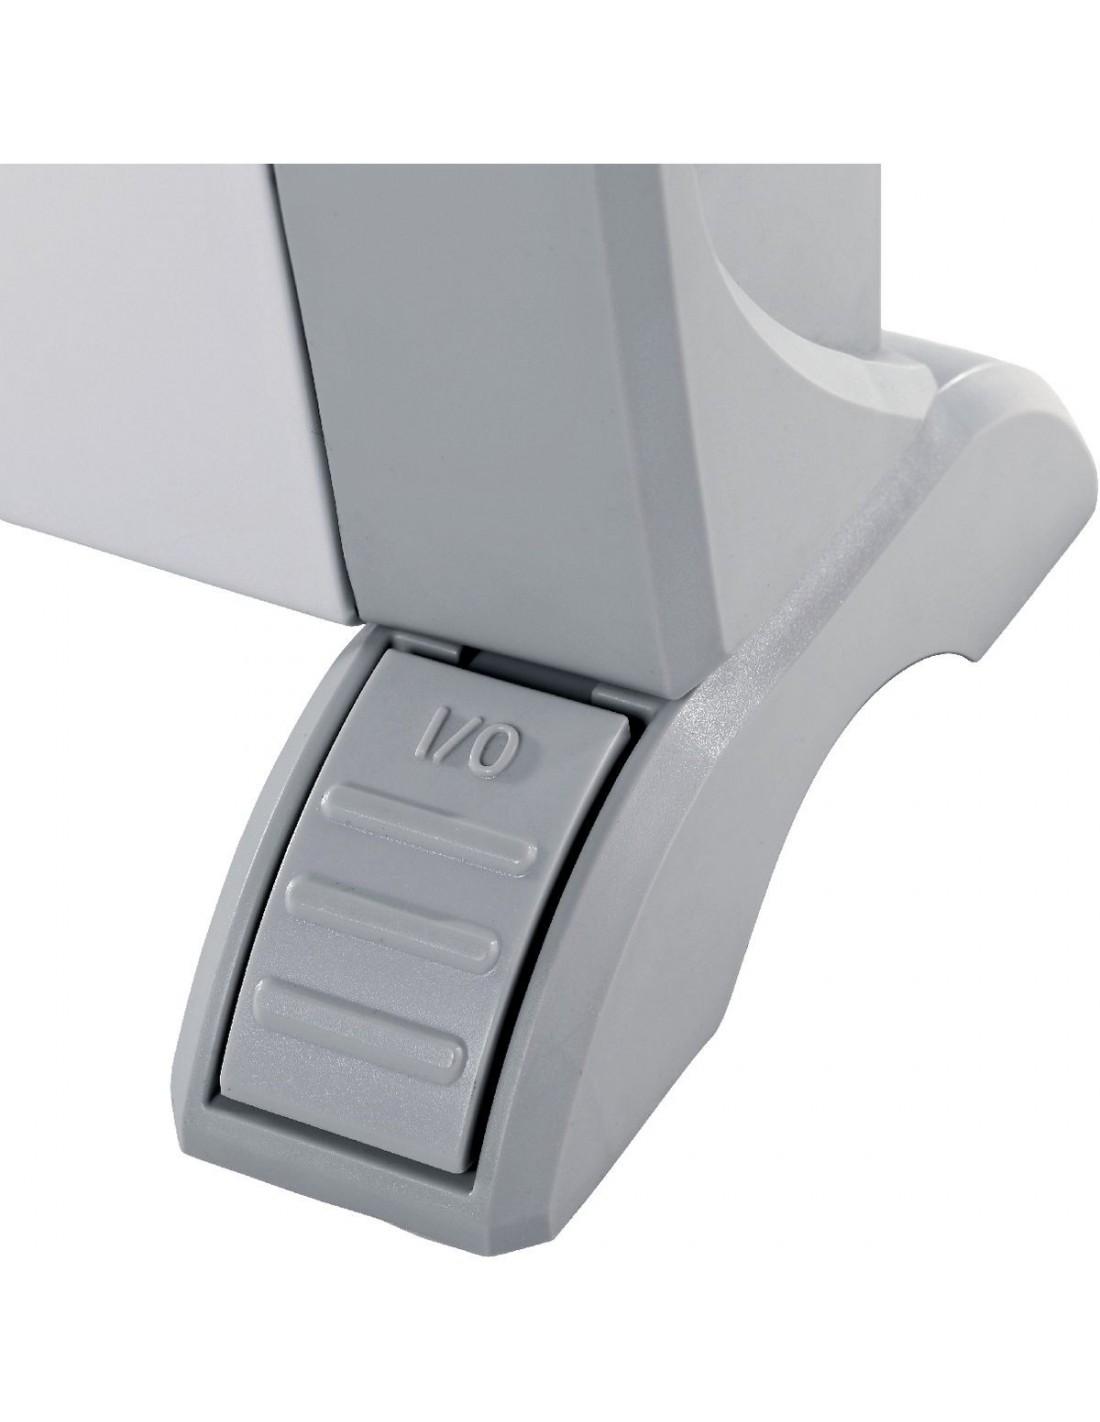 convecteur mobile quickmix 2 2000w convecteur mobile quickmix 2 2000w. Black Bedroom Furniture Sets. Home Design Ideas